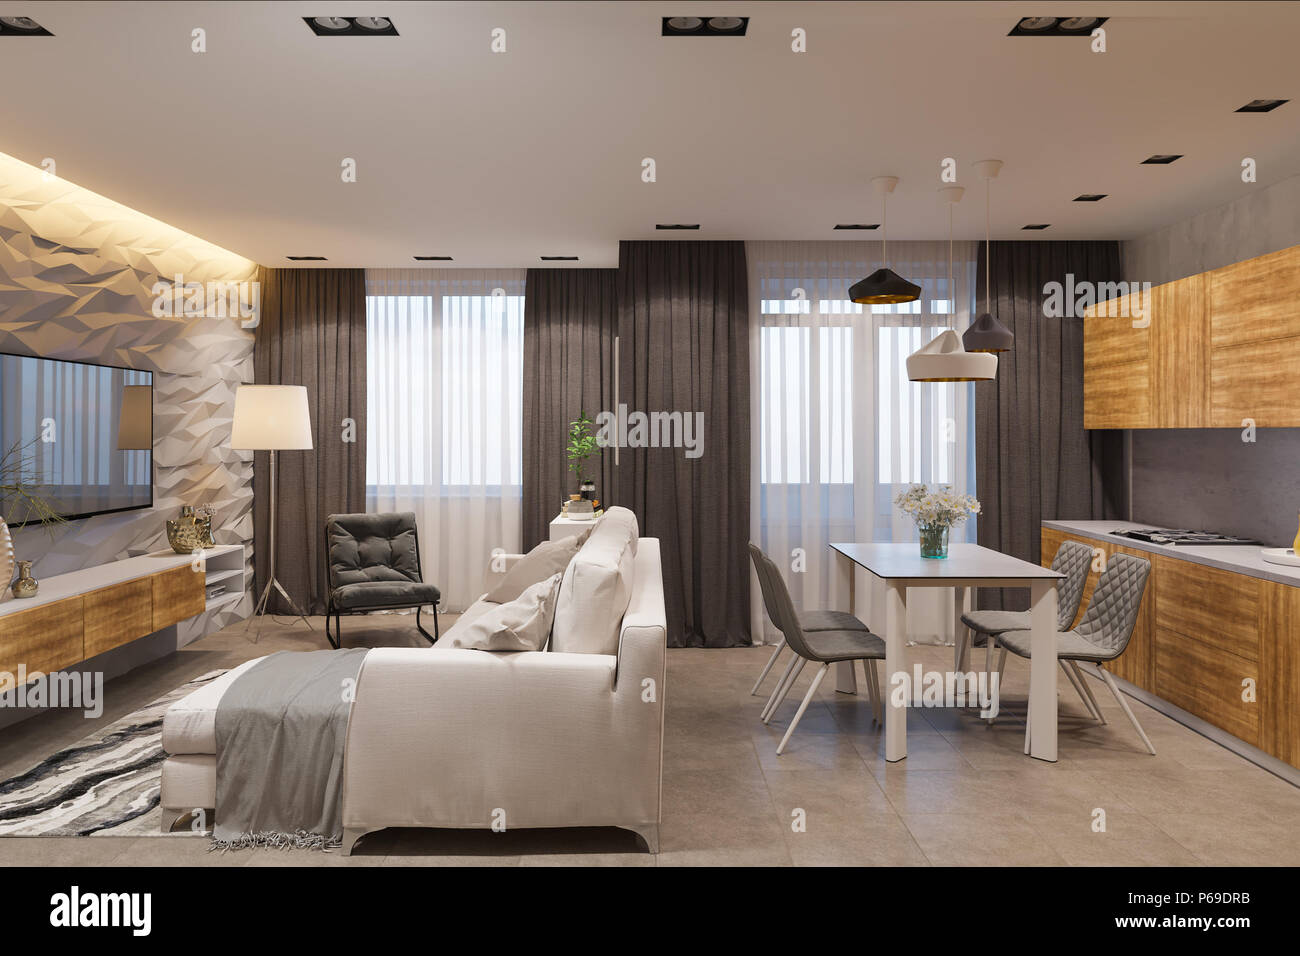 Einrichtung Im Skandinavischen Stil Ein Wohnzimmer Und Eine Kuche